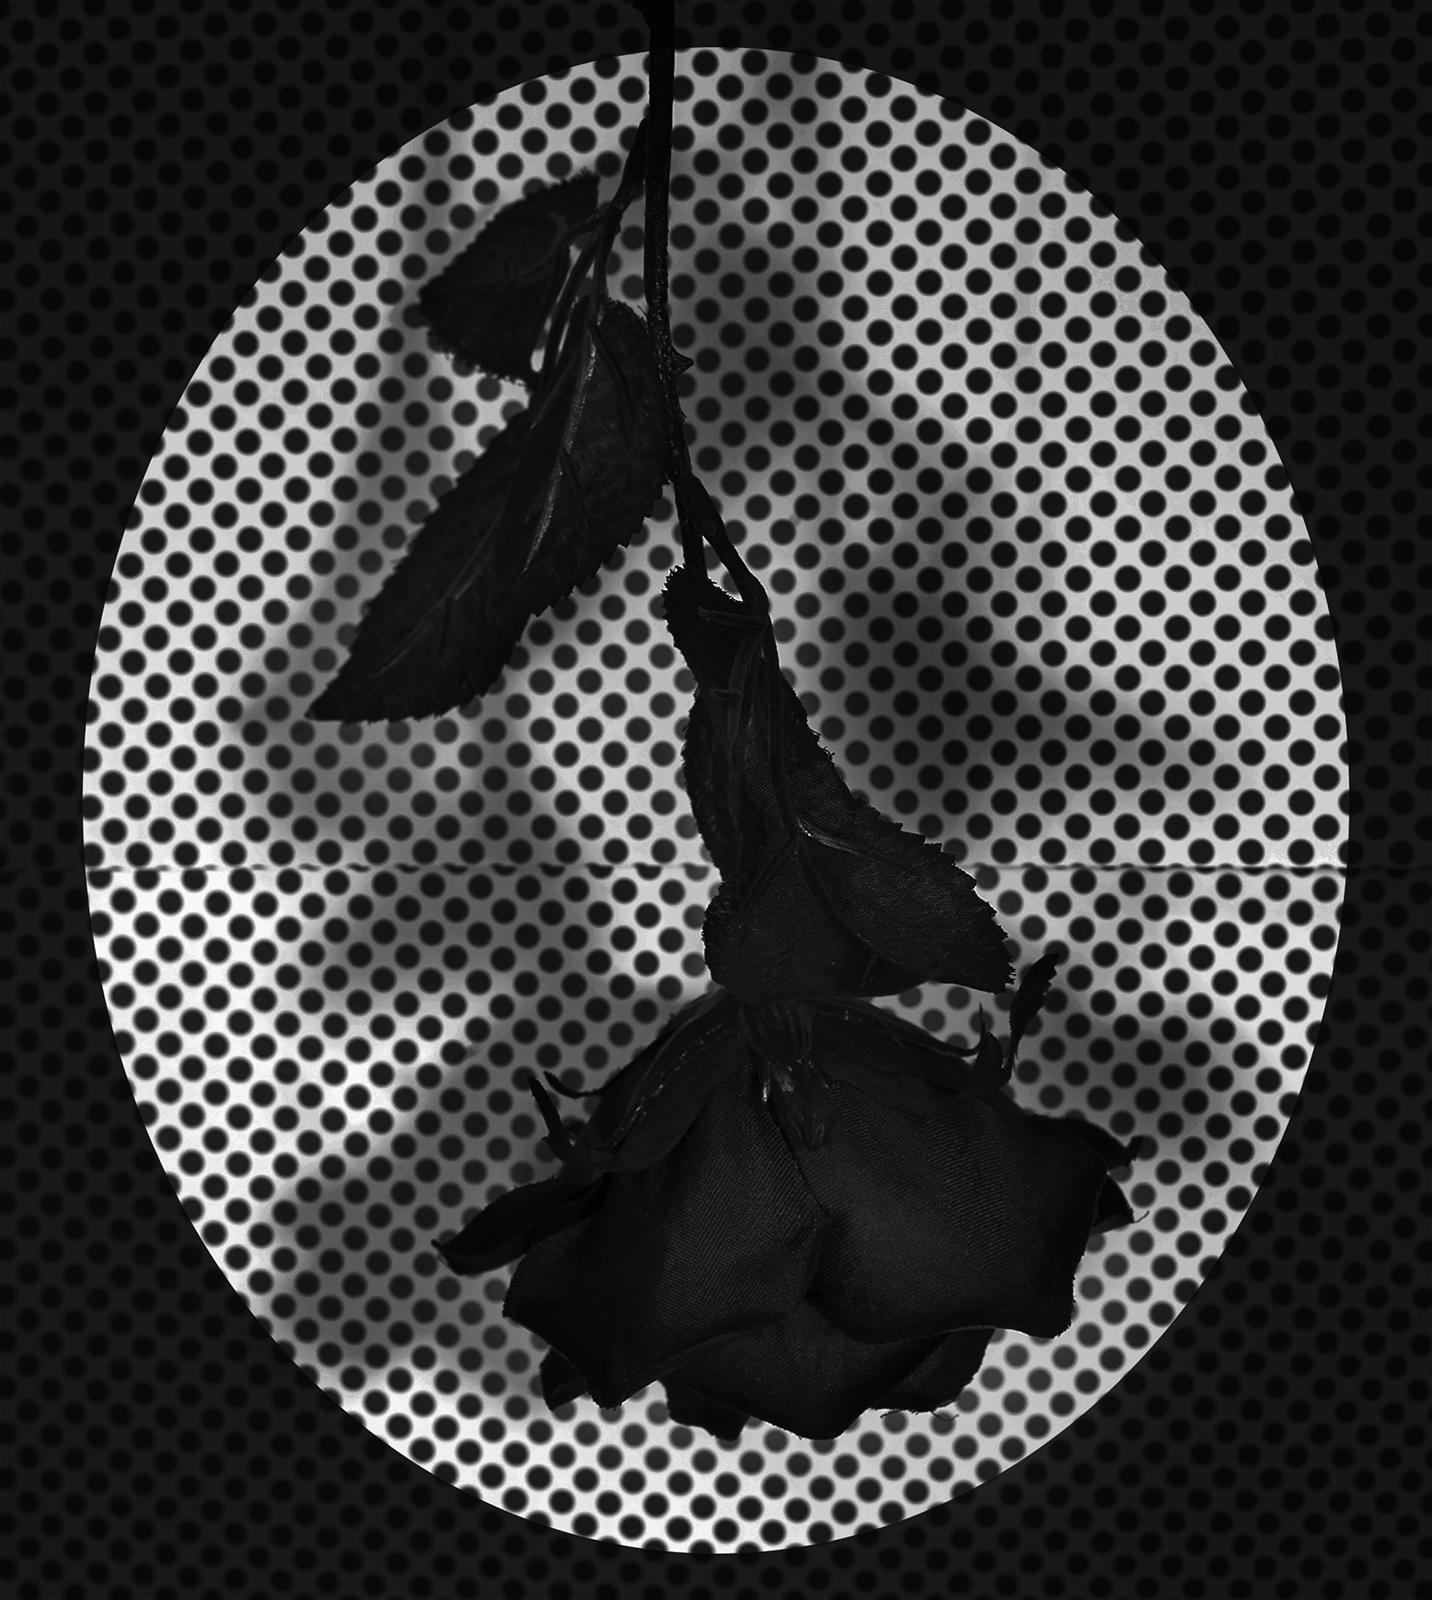 Fake Flower Study No. 3 , 20 x 24 inches (framed), Archival Inkjet print, 2018, $500 © Ashley Whitt